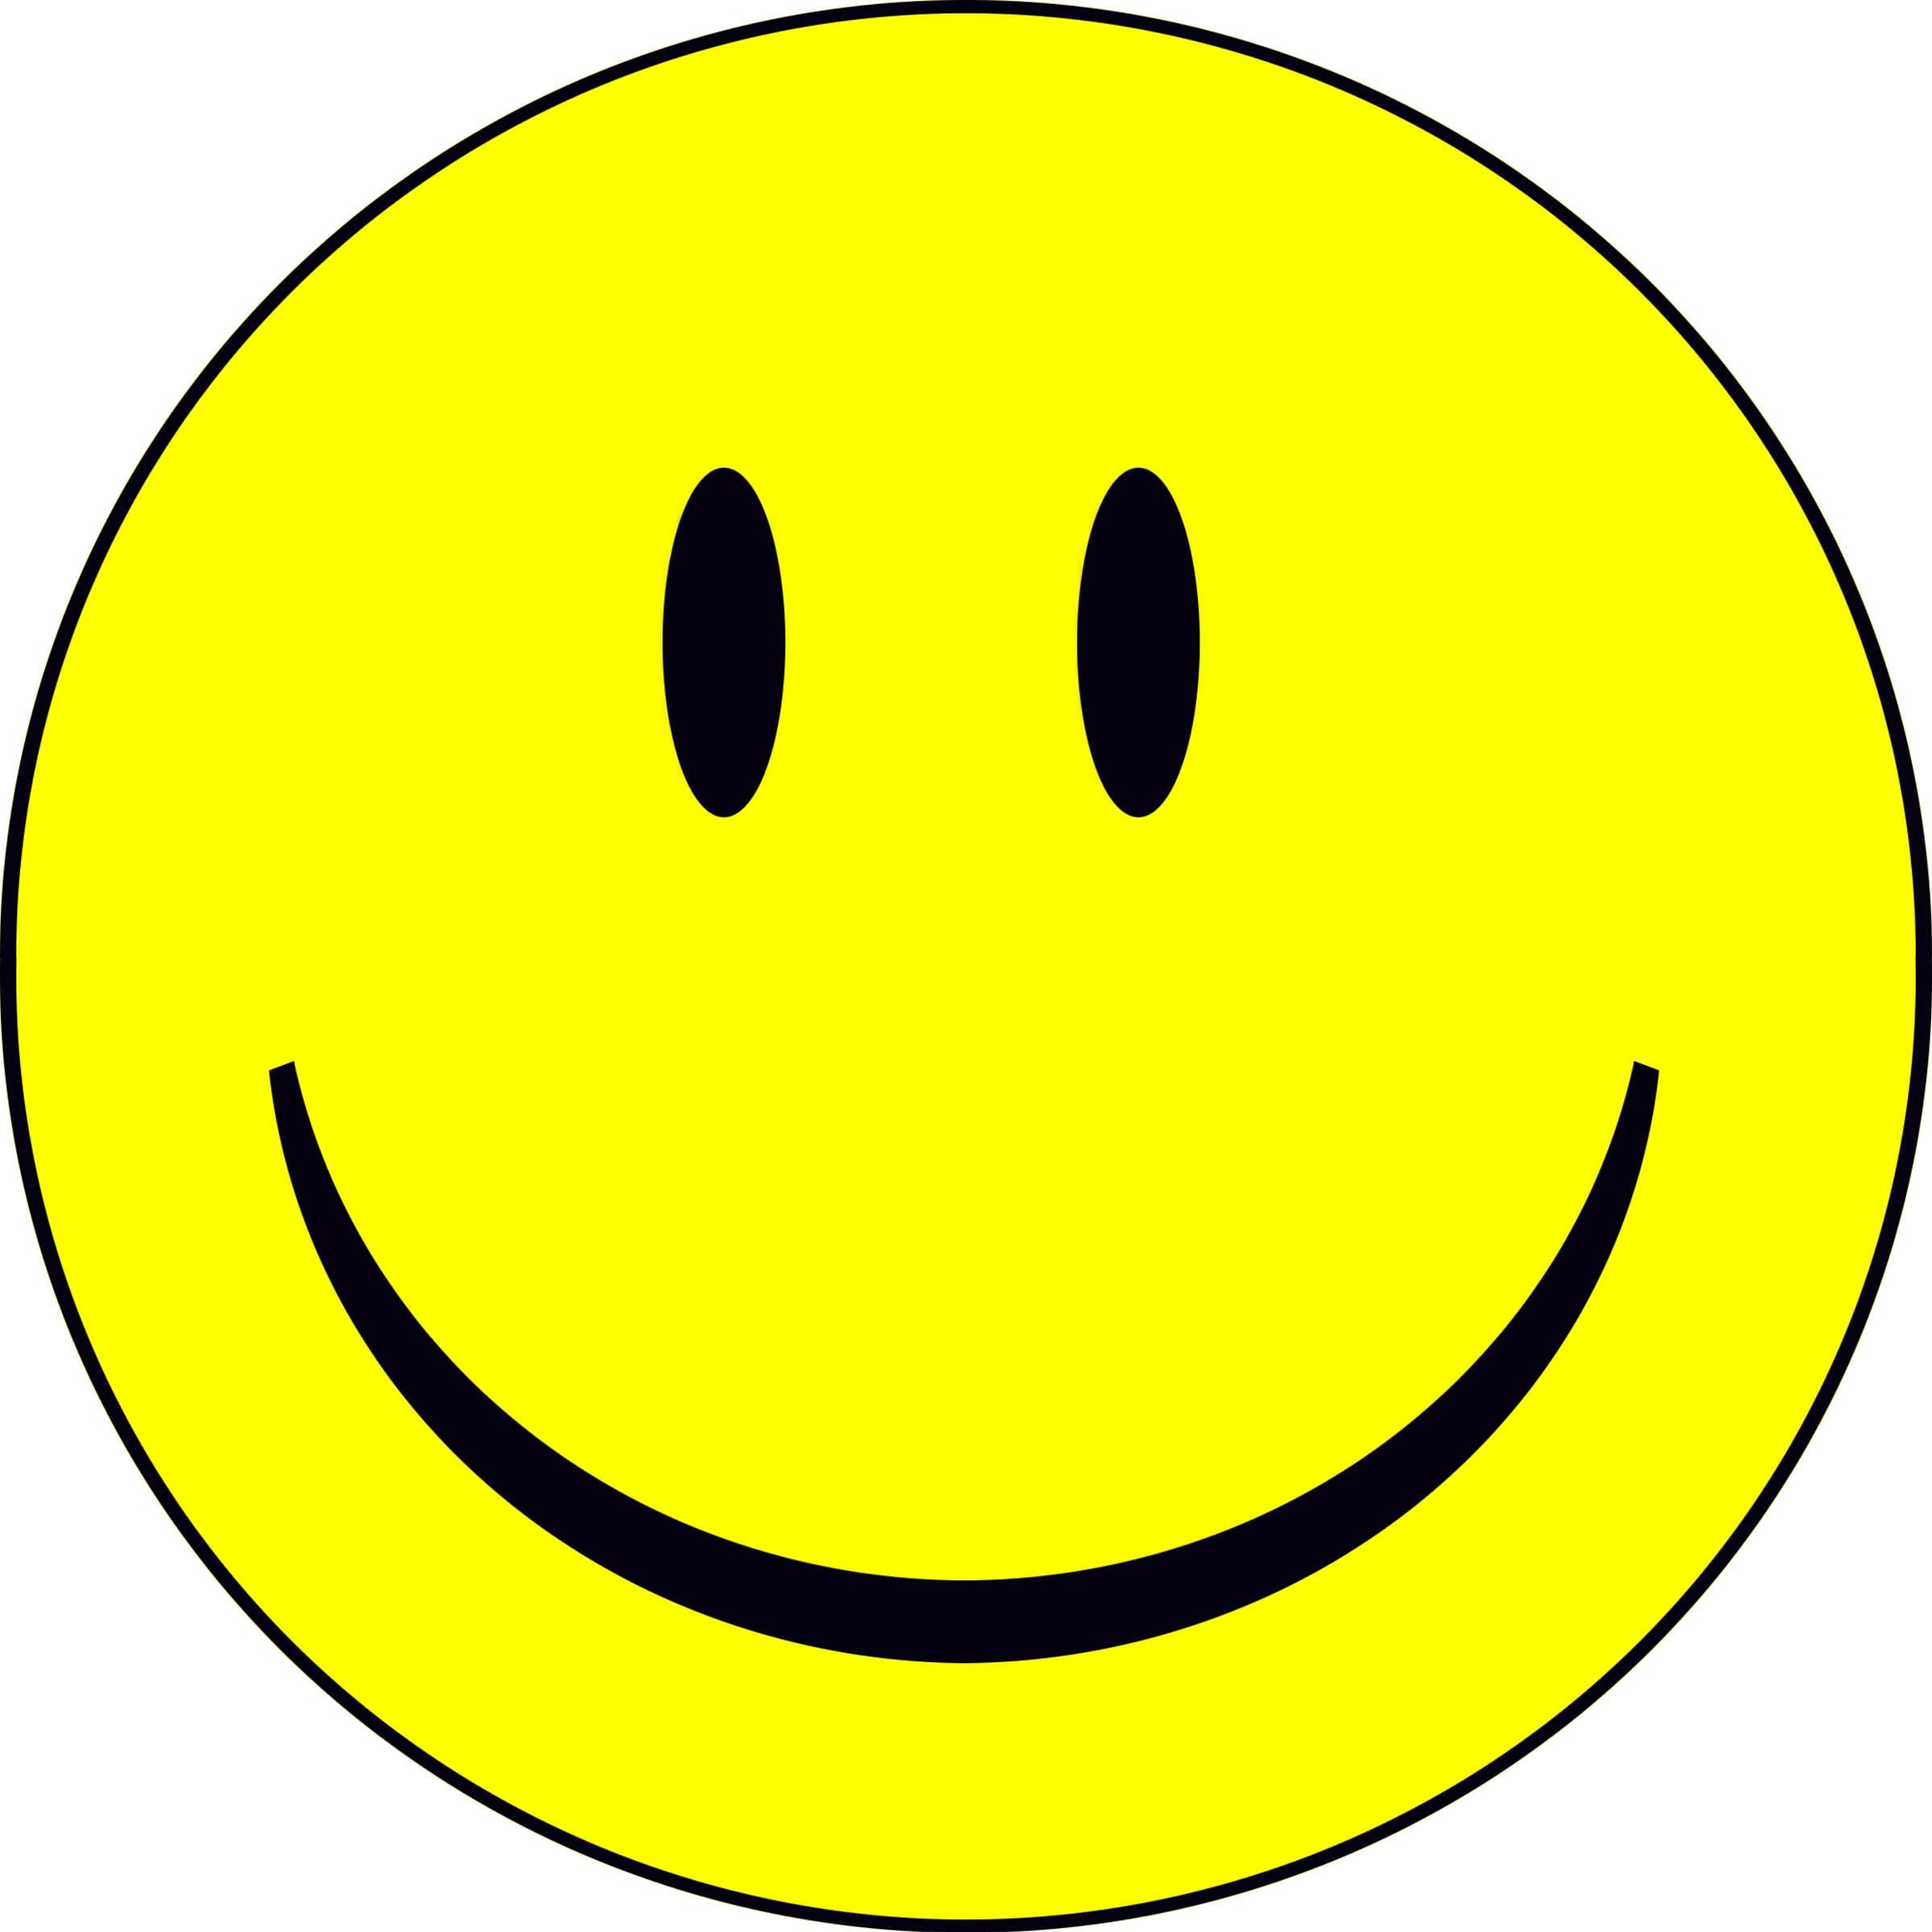 2400x2400 Smiley Face Free Clip Art